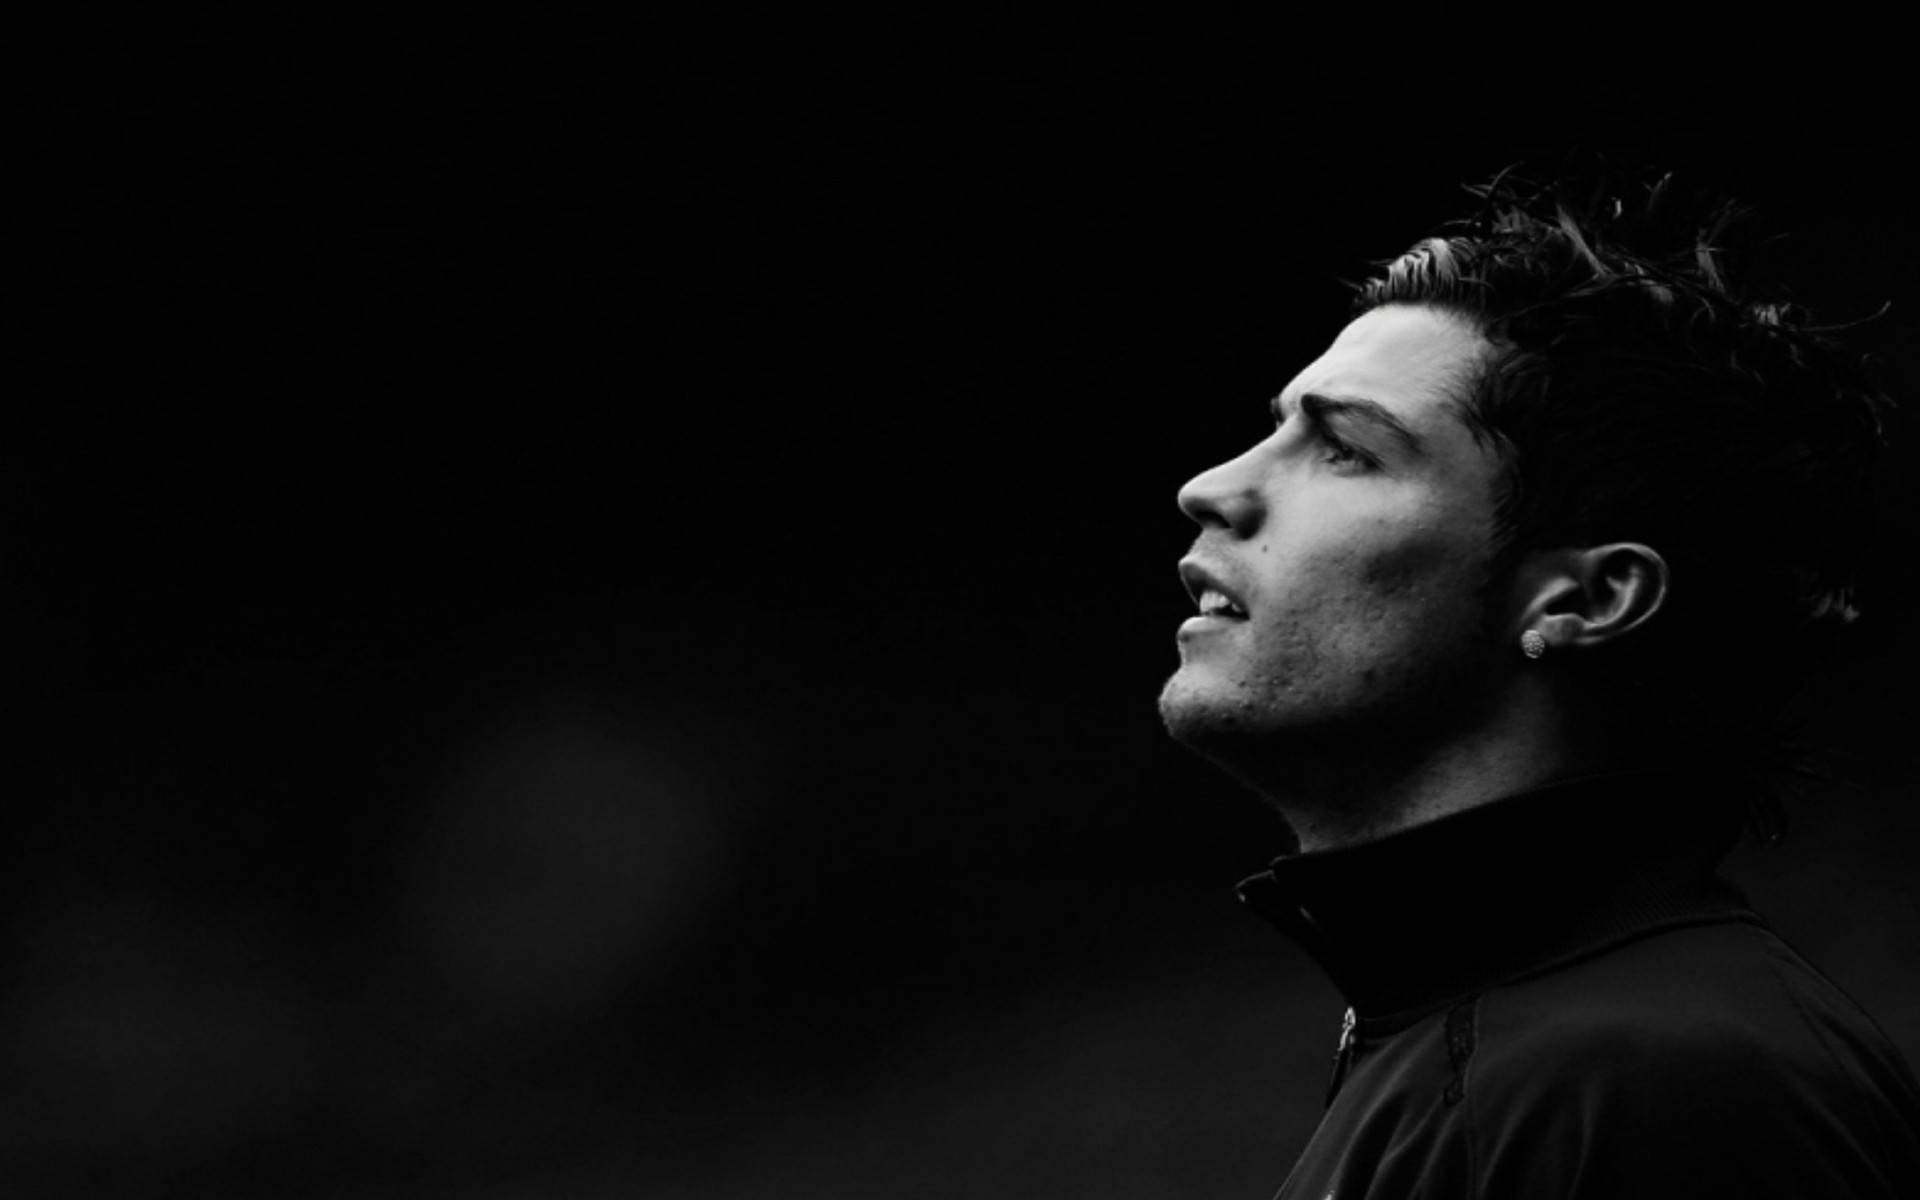 Cristiano Ronaldo's quote #6